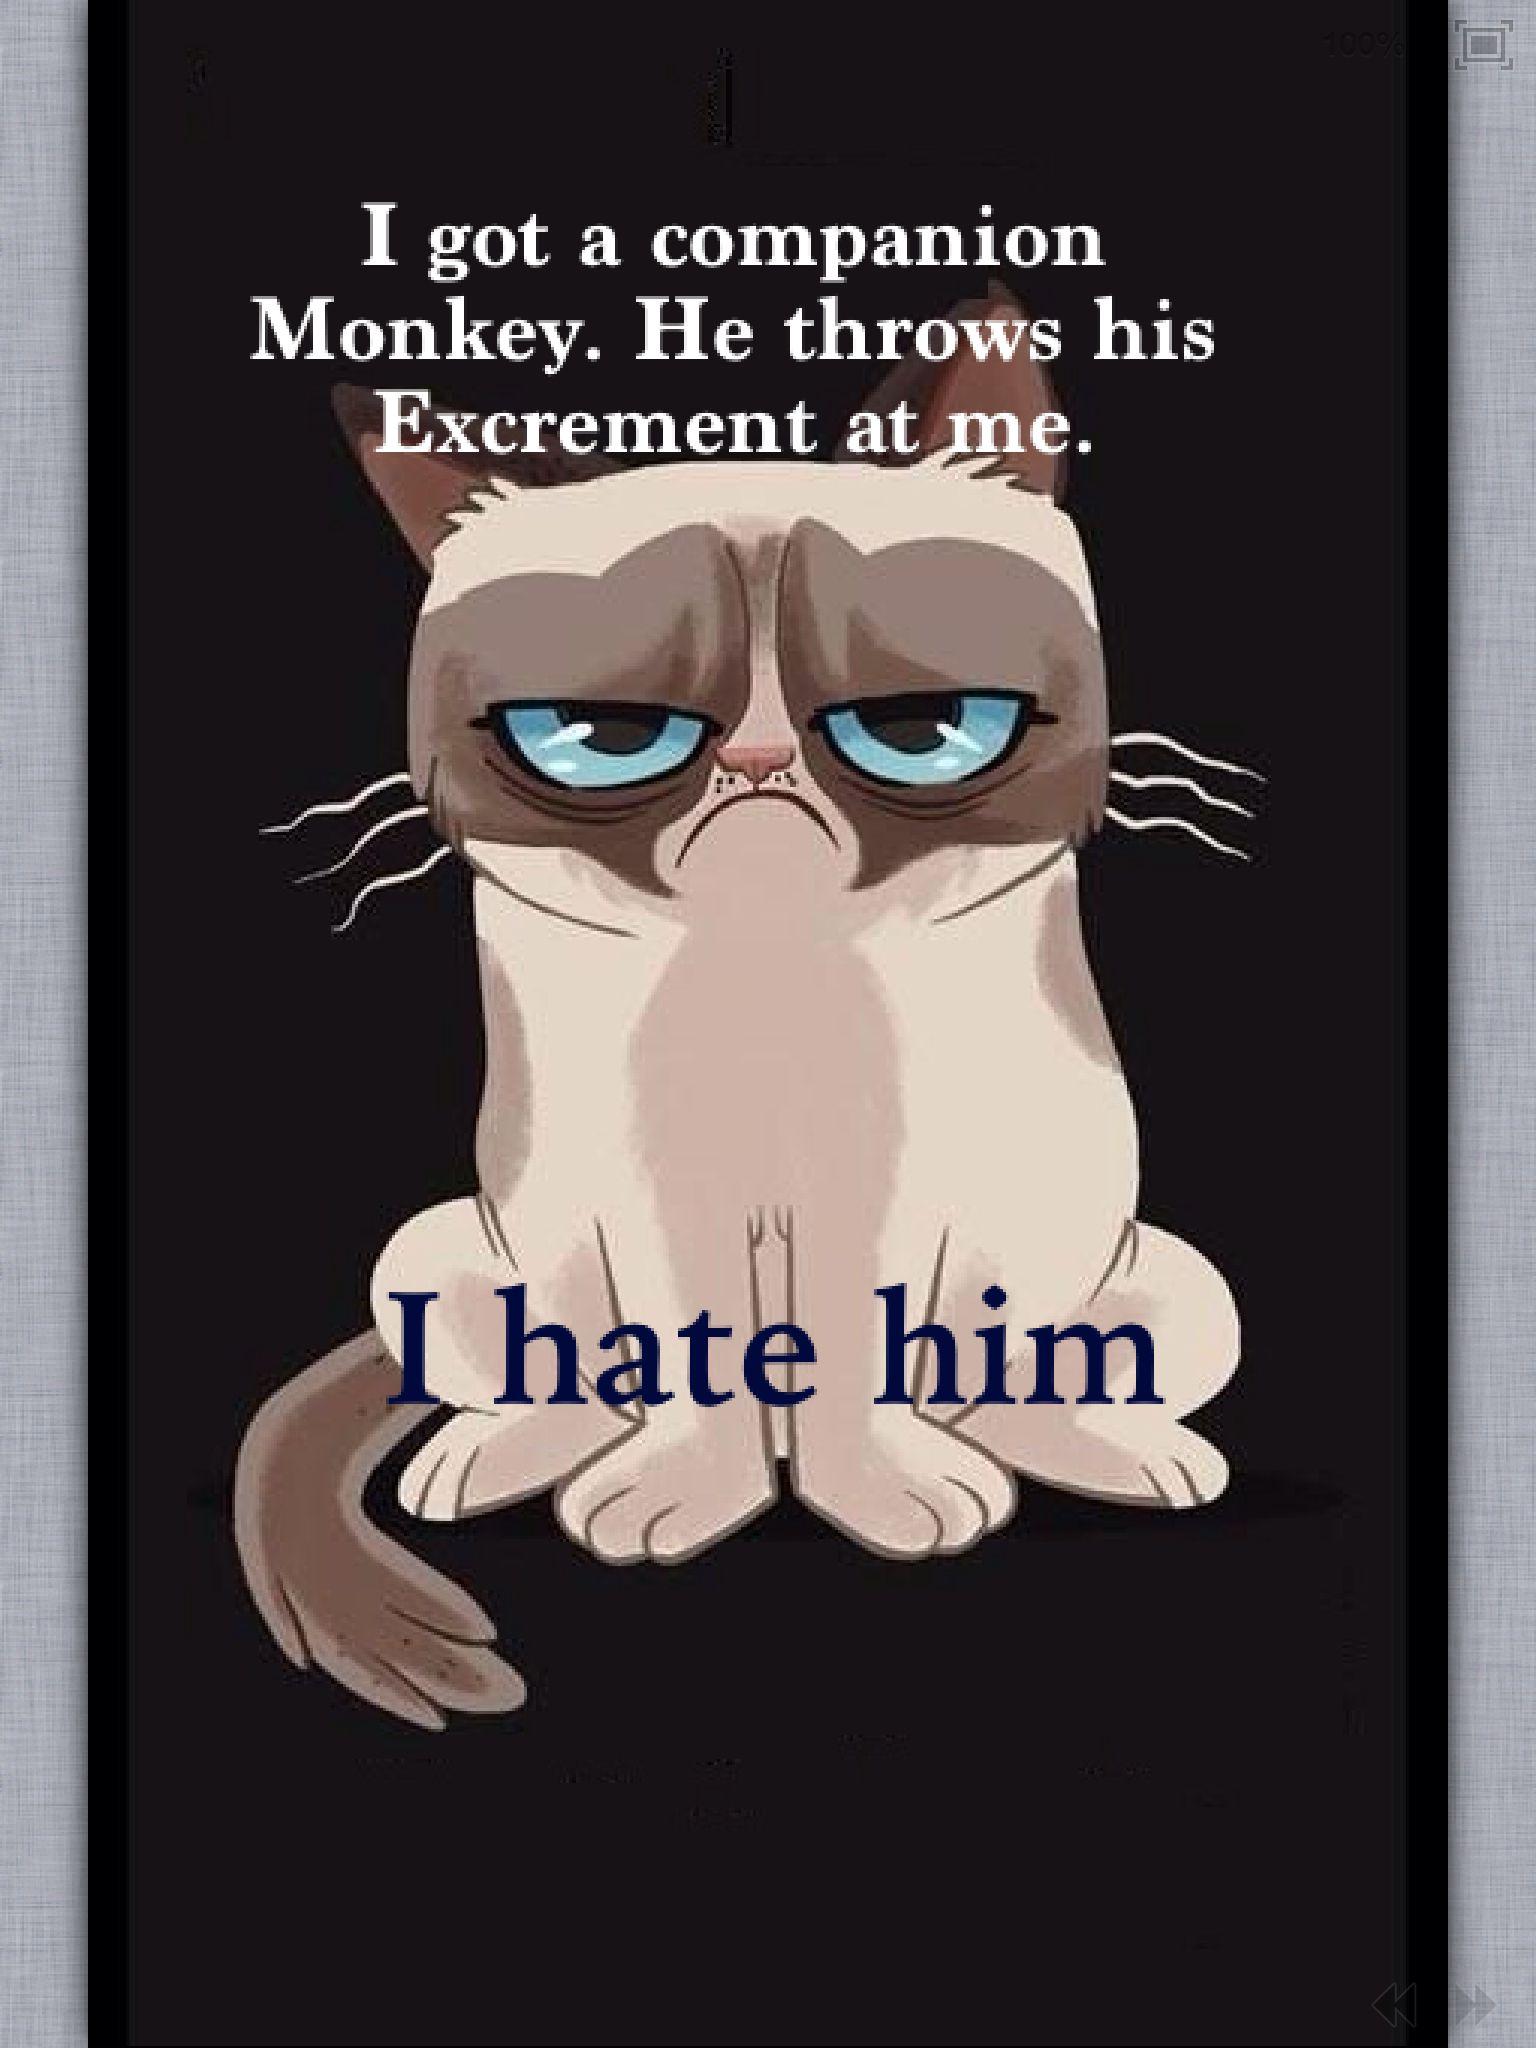 Grumpy cat hates monkeys. monkey, cat, grumpy cat,